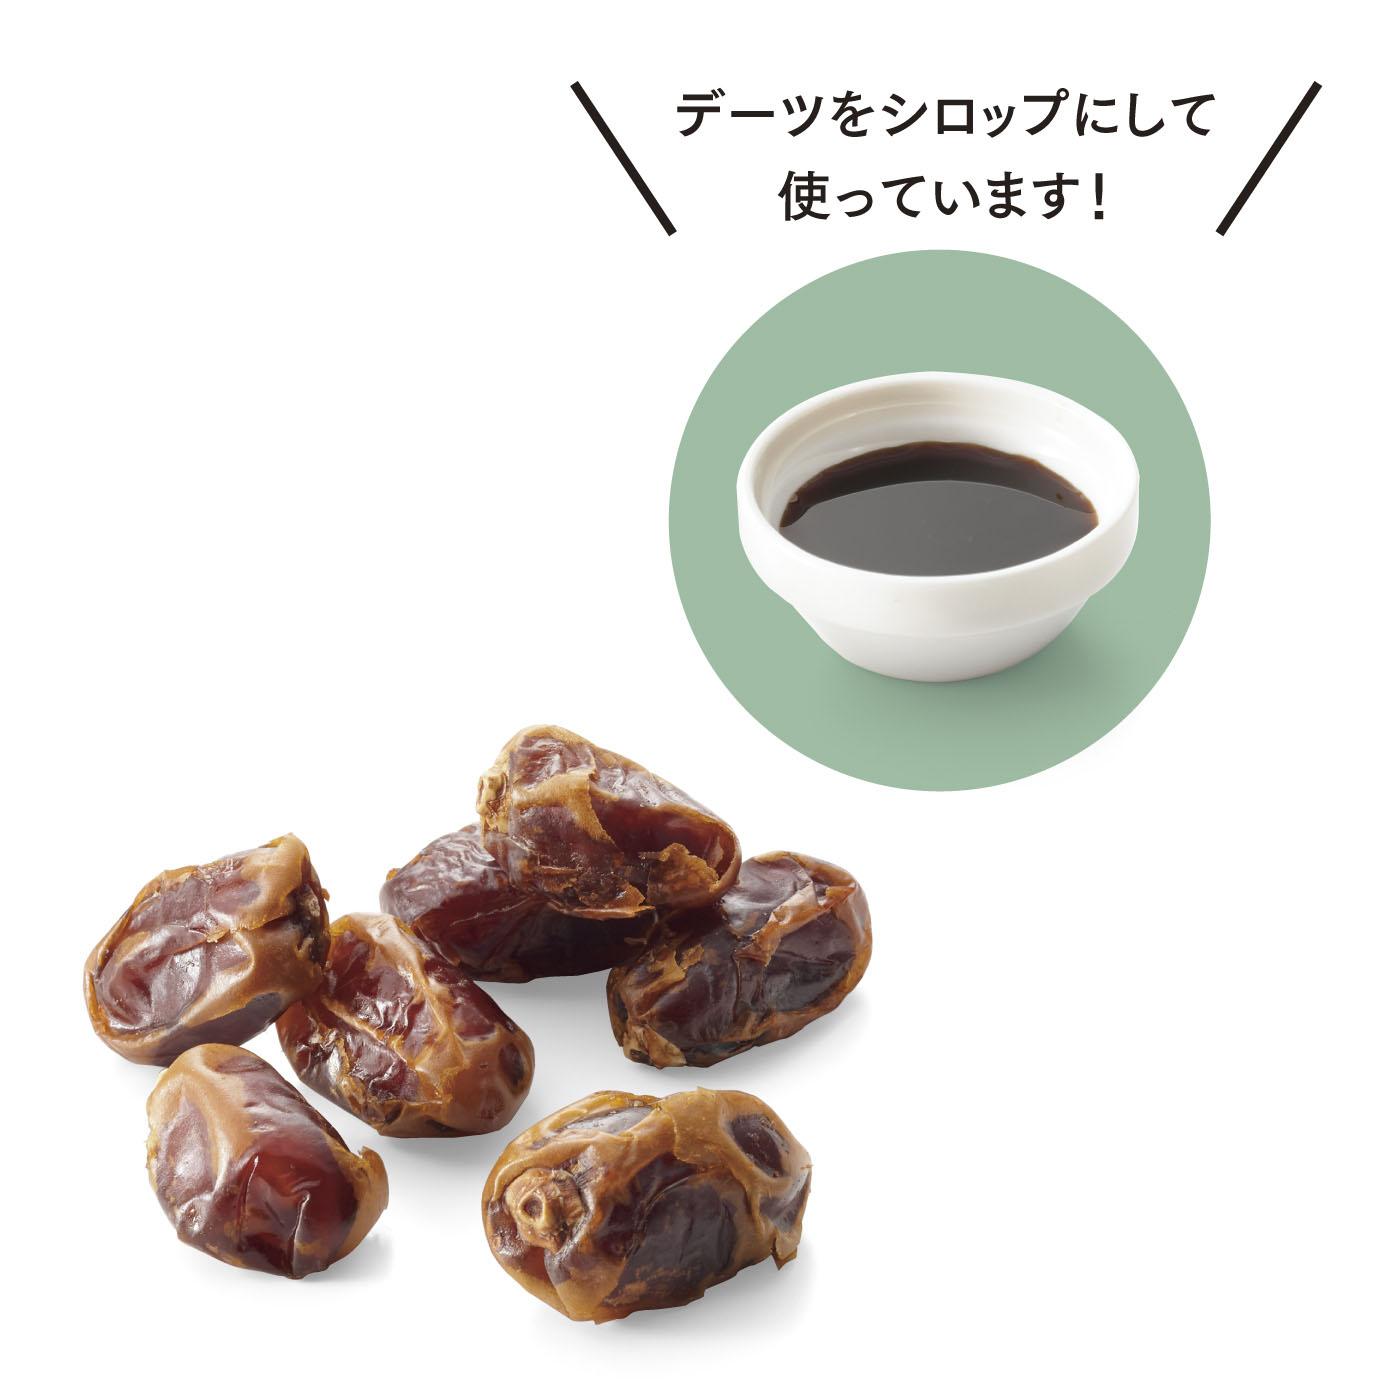 デーツってなに? ● 中東原産のナツメヤシの実 ● 干し柿のような食感 ● 黒糖のような強い甘み